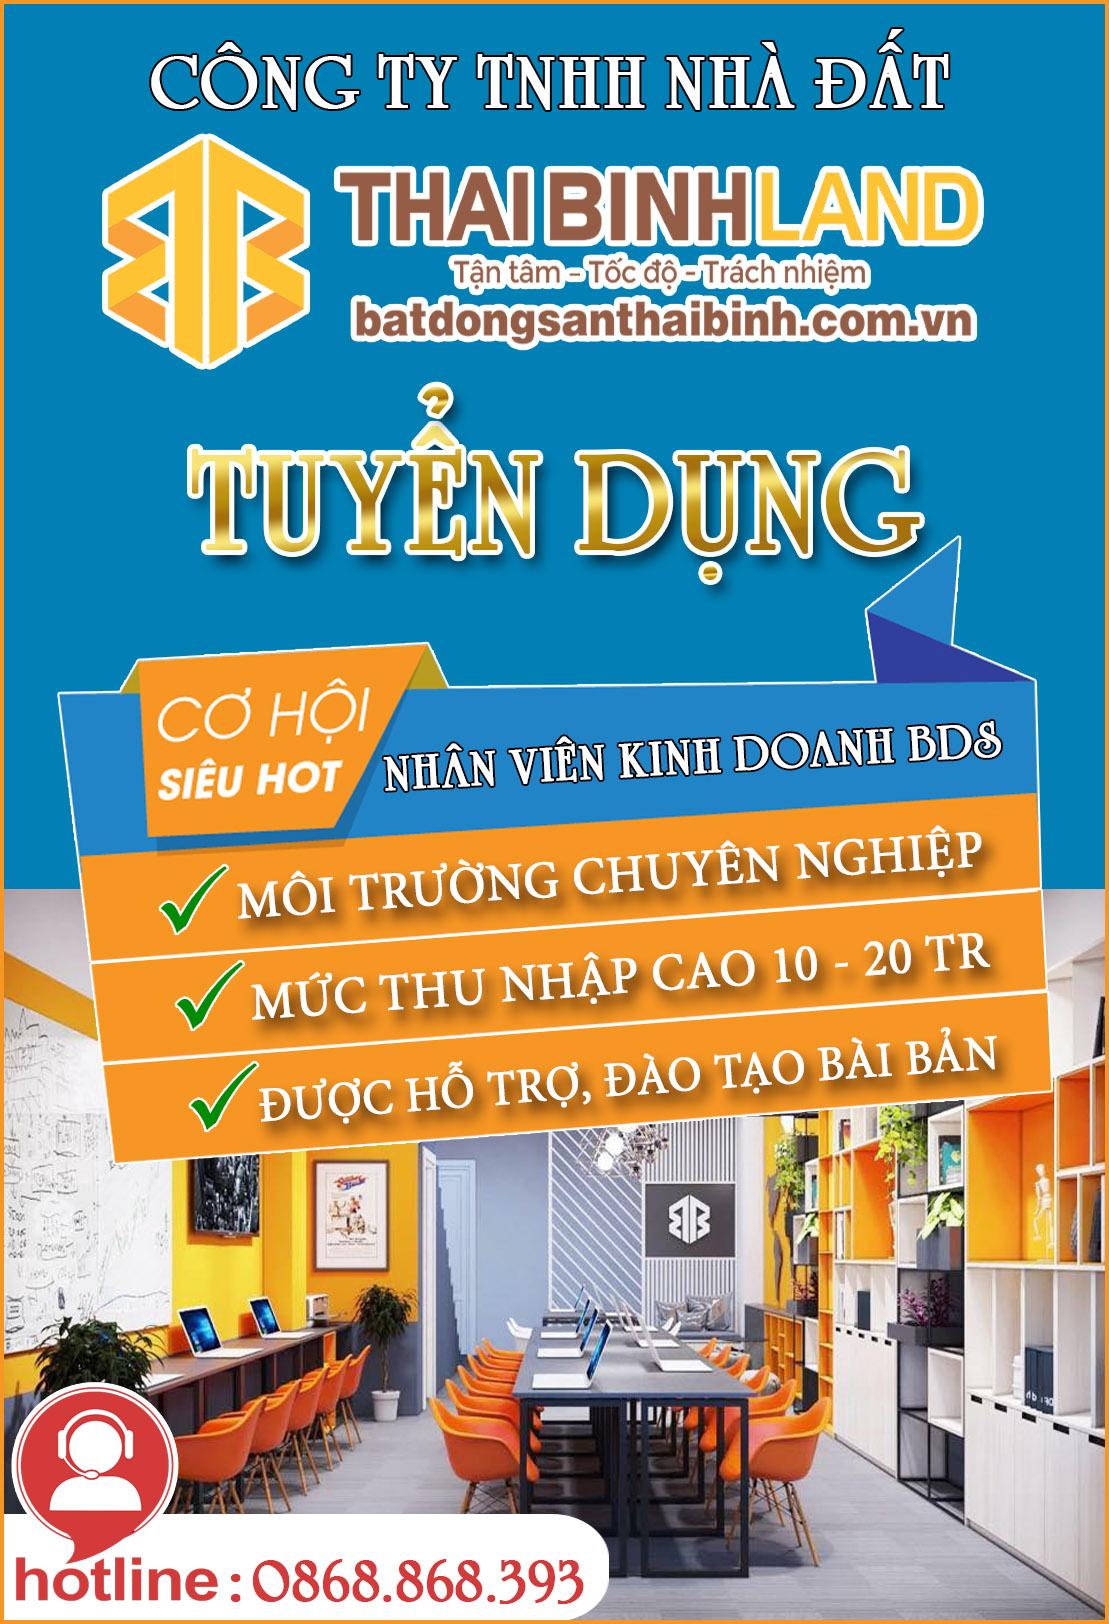 Thái Bình Land tuyển dụng nhân viên kinh doanh bất động sản